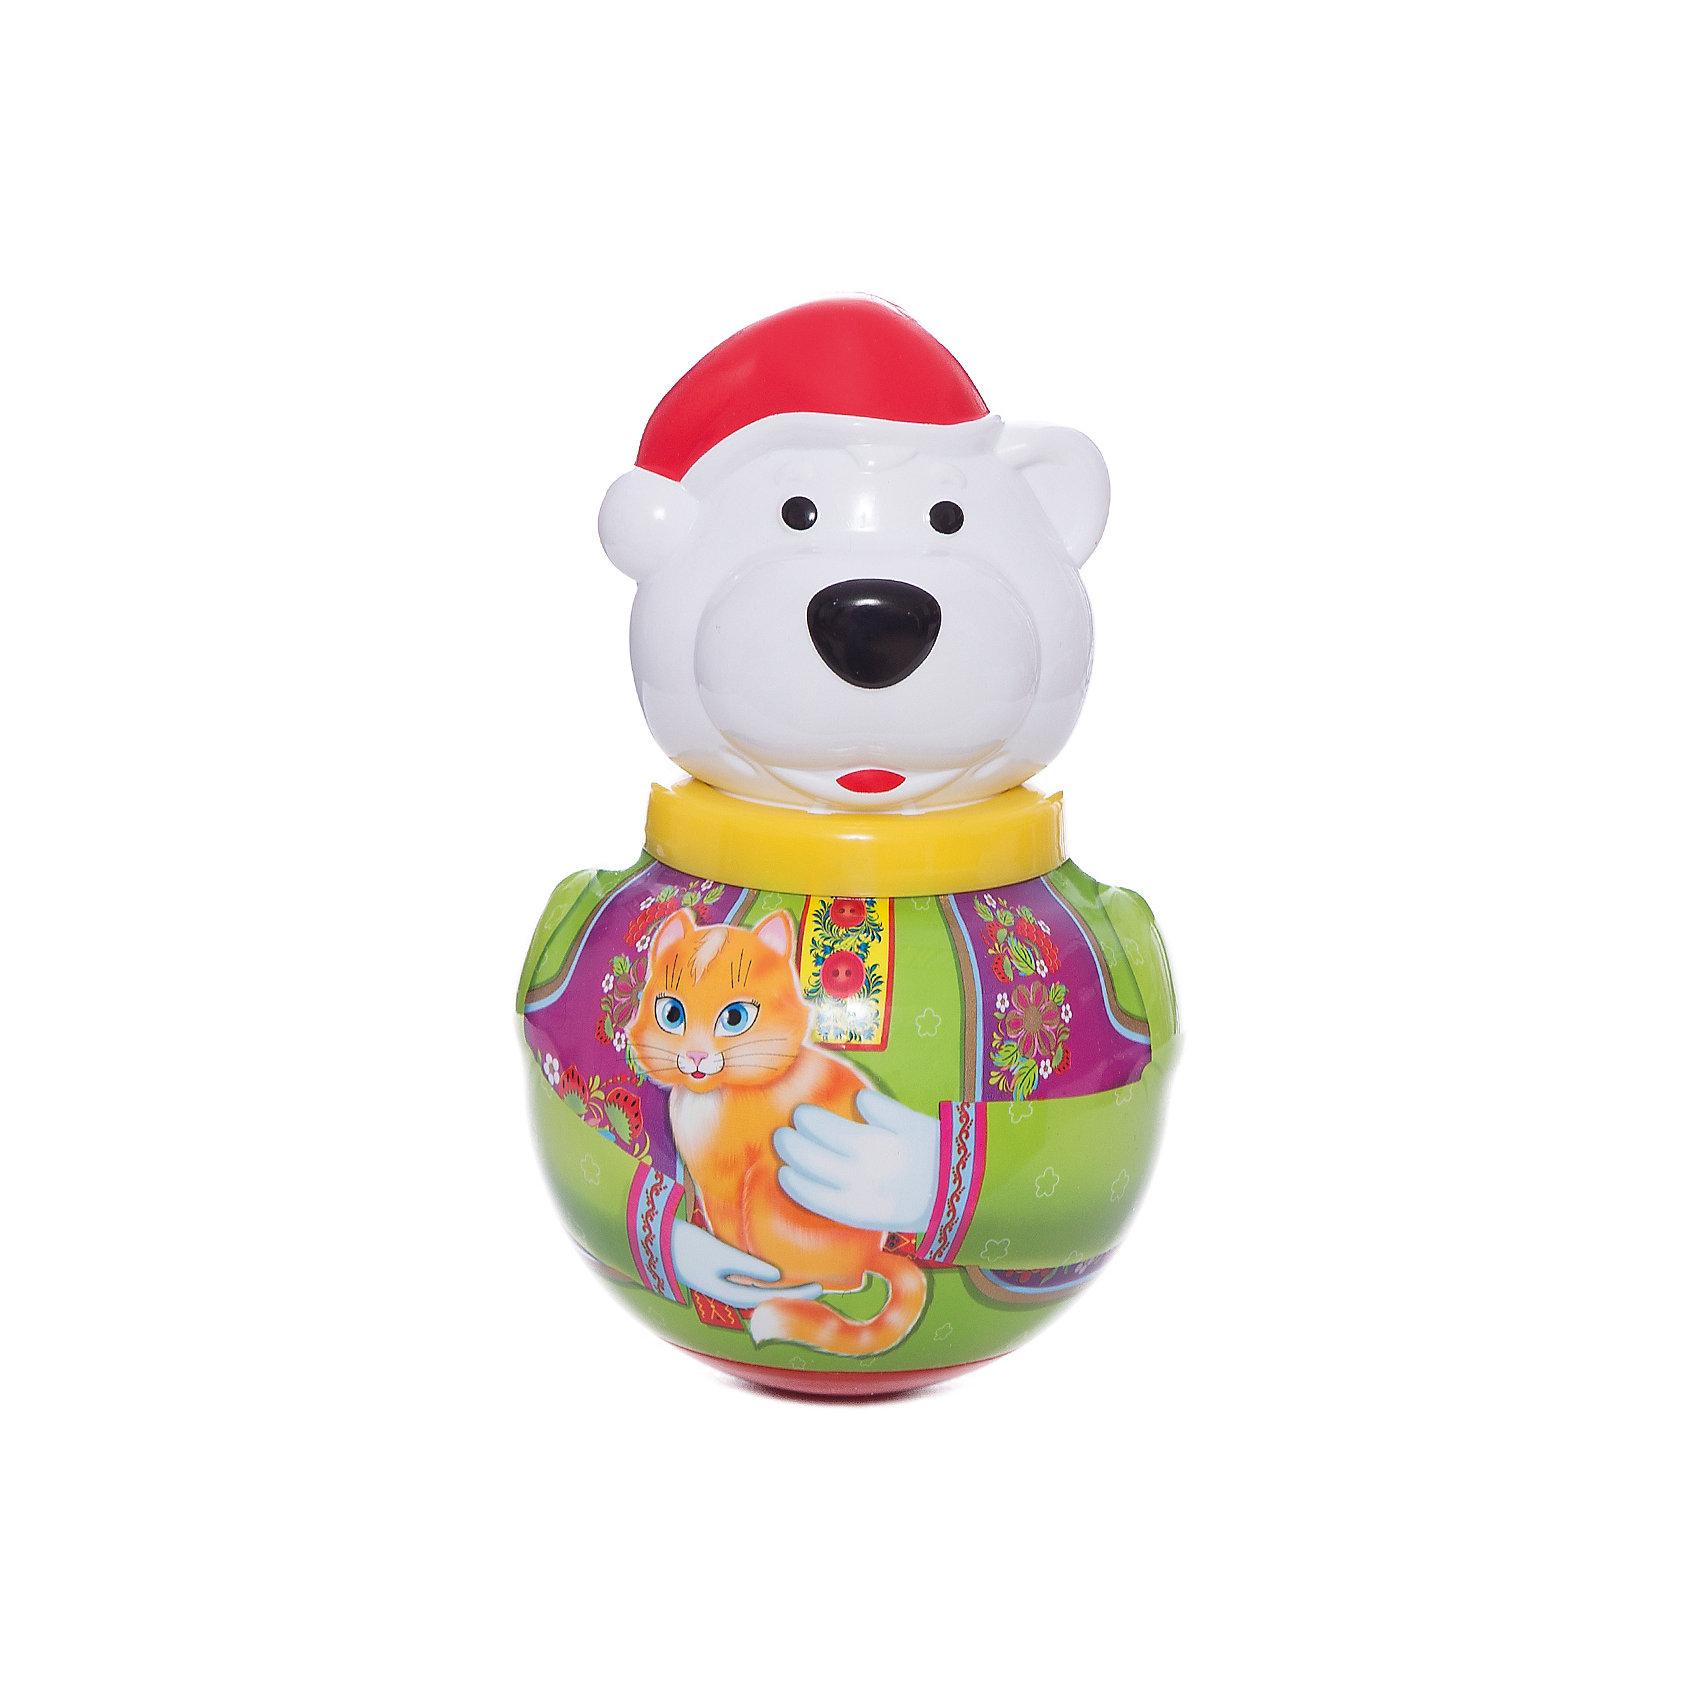 Неваляшка Белый медведь БорисЮлы, неваляшки<br>Неваляшка Белый медведь Борис - симпатичный белый медведь-неваляшка по имени Борис.<br><br>Стоит лишь подтолкнуть его, Борис начинает покачиваться и издает мелодичное позвякивание, но он никогда не падает - ведь Борис - неваляшка. <br><br>Отличная классическая игрушка, которая непременно доставит удовольствие вашему крохе!<br>Игрушка стимулирует развитие моторики и координации движении вашего ребенка.<br><br>Дополнительная информация:<br><br>- Размеры: 100*180*100 мм.<br>- Вес: 210 г.<br>- Материал игрушки: пластмасса.<br>- Упаковка: полиэтиленовый пакет.<br><br>Ширина мм: 100<br>Глубина мм: 260<br>Высота мм: 100<br>Вес г: 210<br>Возраст от месяцев: 6<br>Возраст до месяцев: 36<br>Пол: Унисекс<br>Возраст: Детский<br>SKU: 2555628